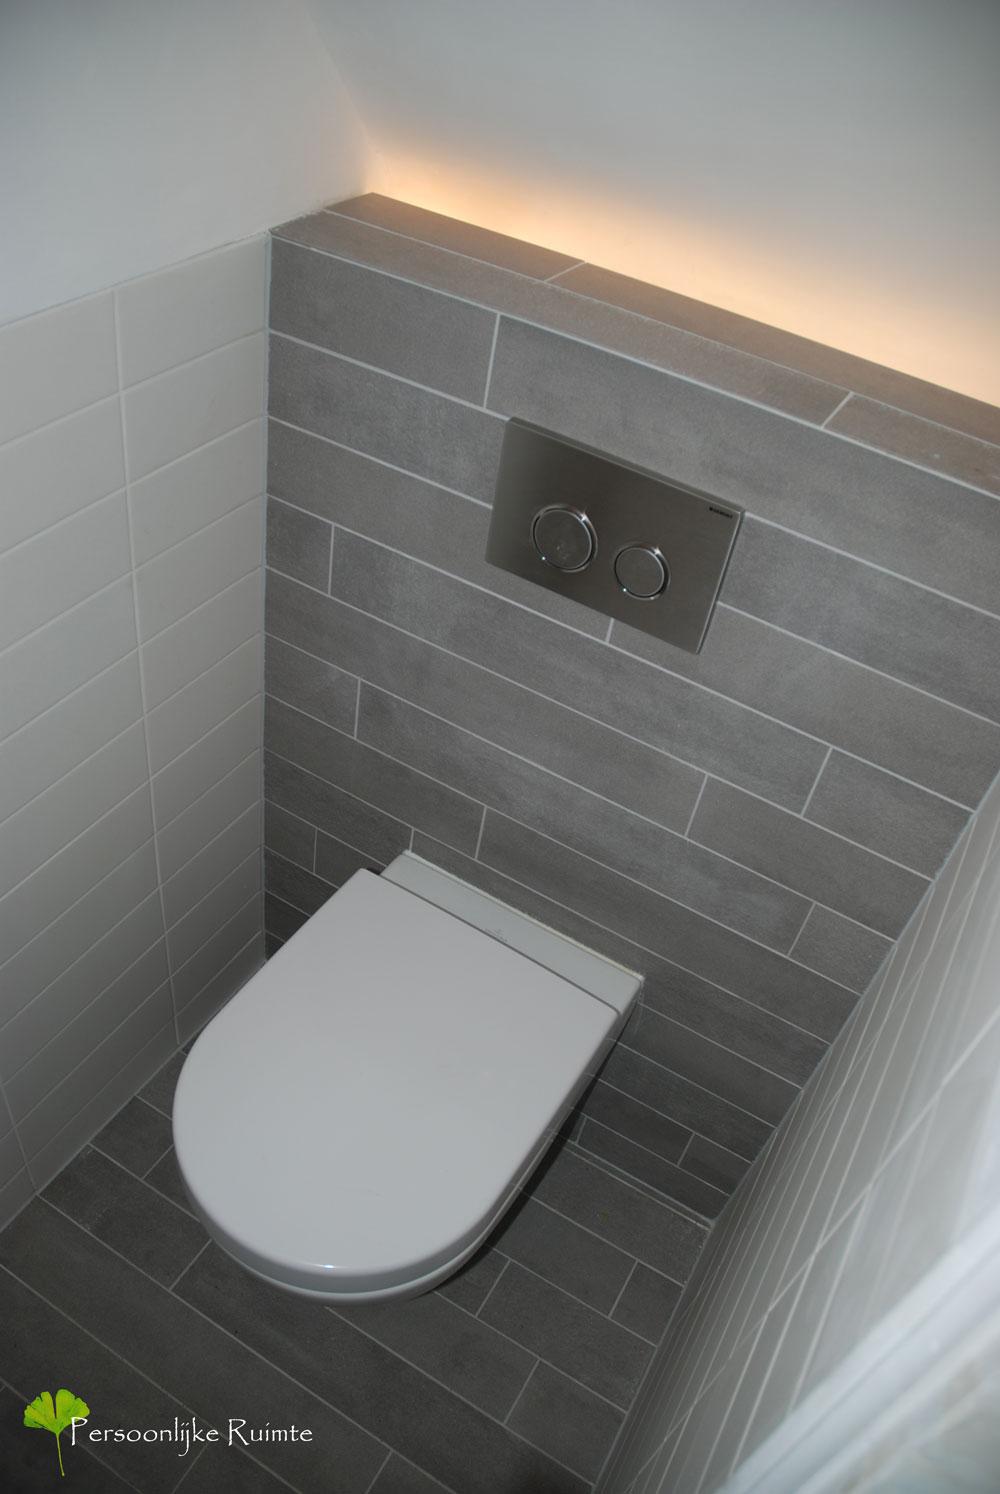 Toiletruimte persoonlijke ruimte for Trap ontwerpen